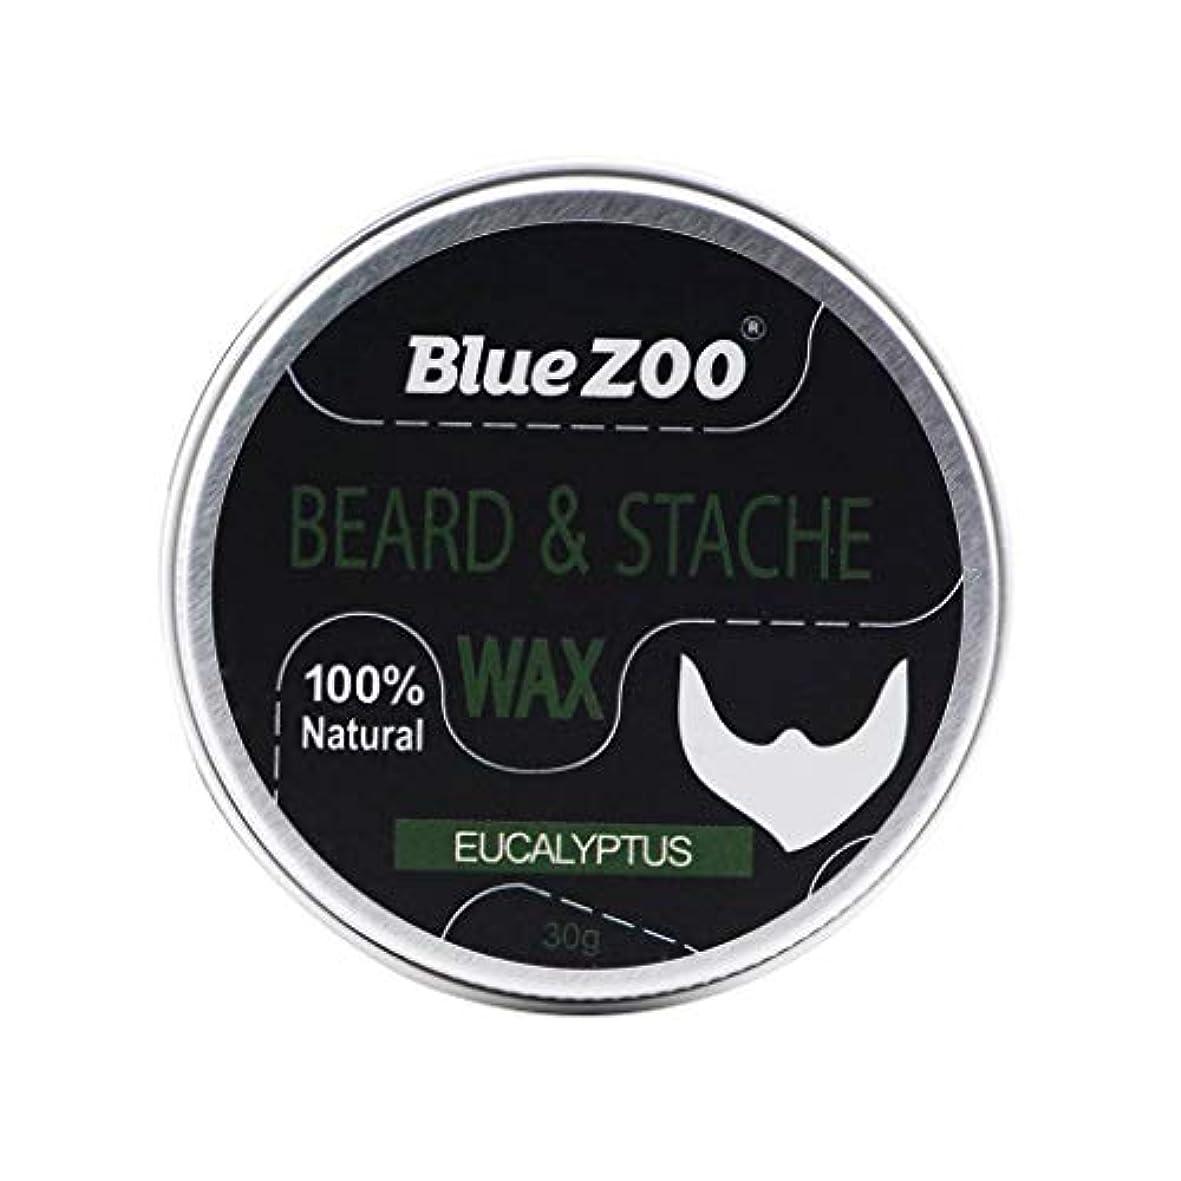 生じる力庭園KOROWA 4つ匂い メンズ 脱毛 ワックス 男性 ムダ毛対策 全身脱毛専用 純国産無添加 スターターキット 配合 デリケートゾーン ボディ用 30g、60g